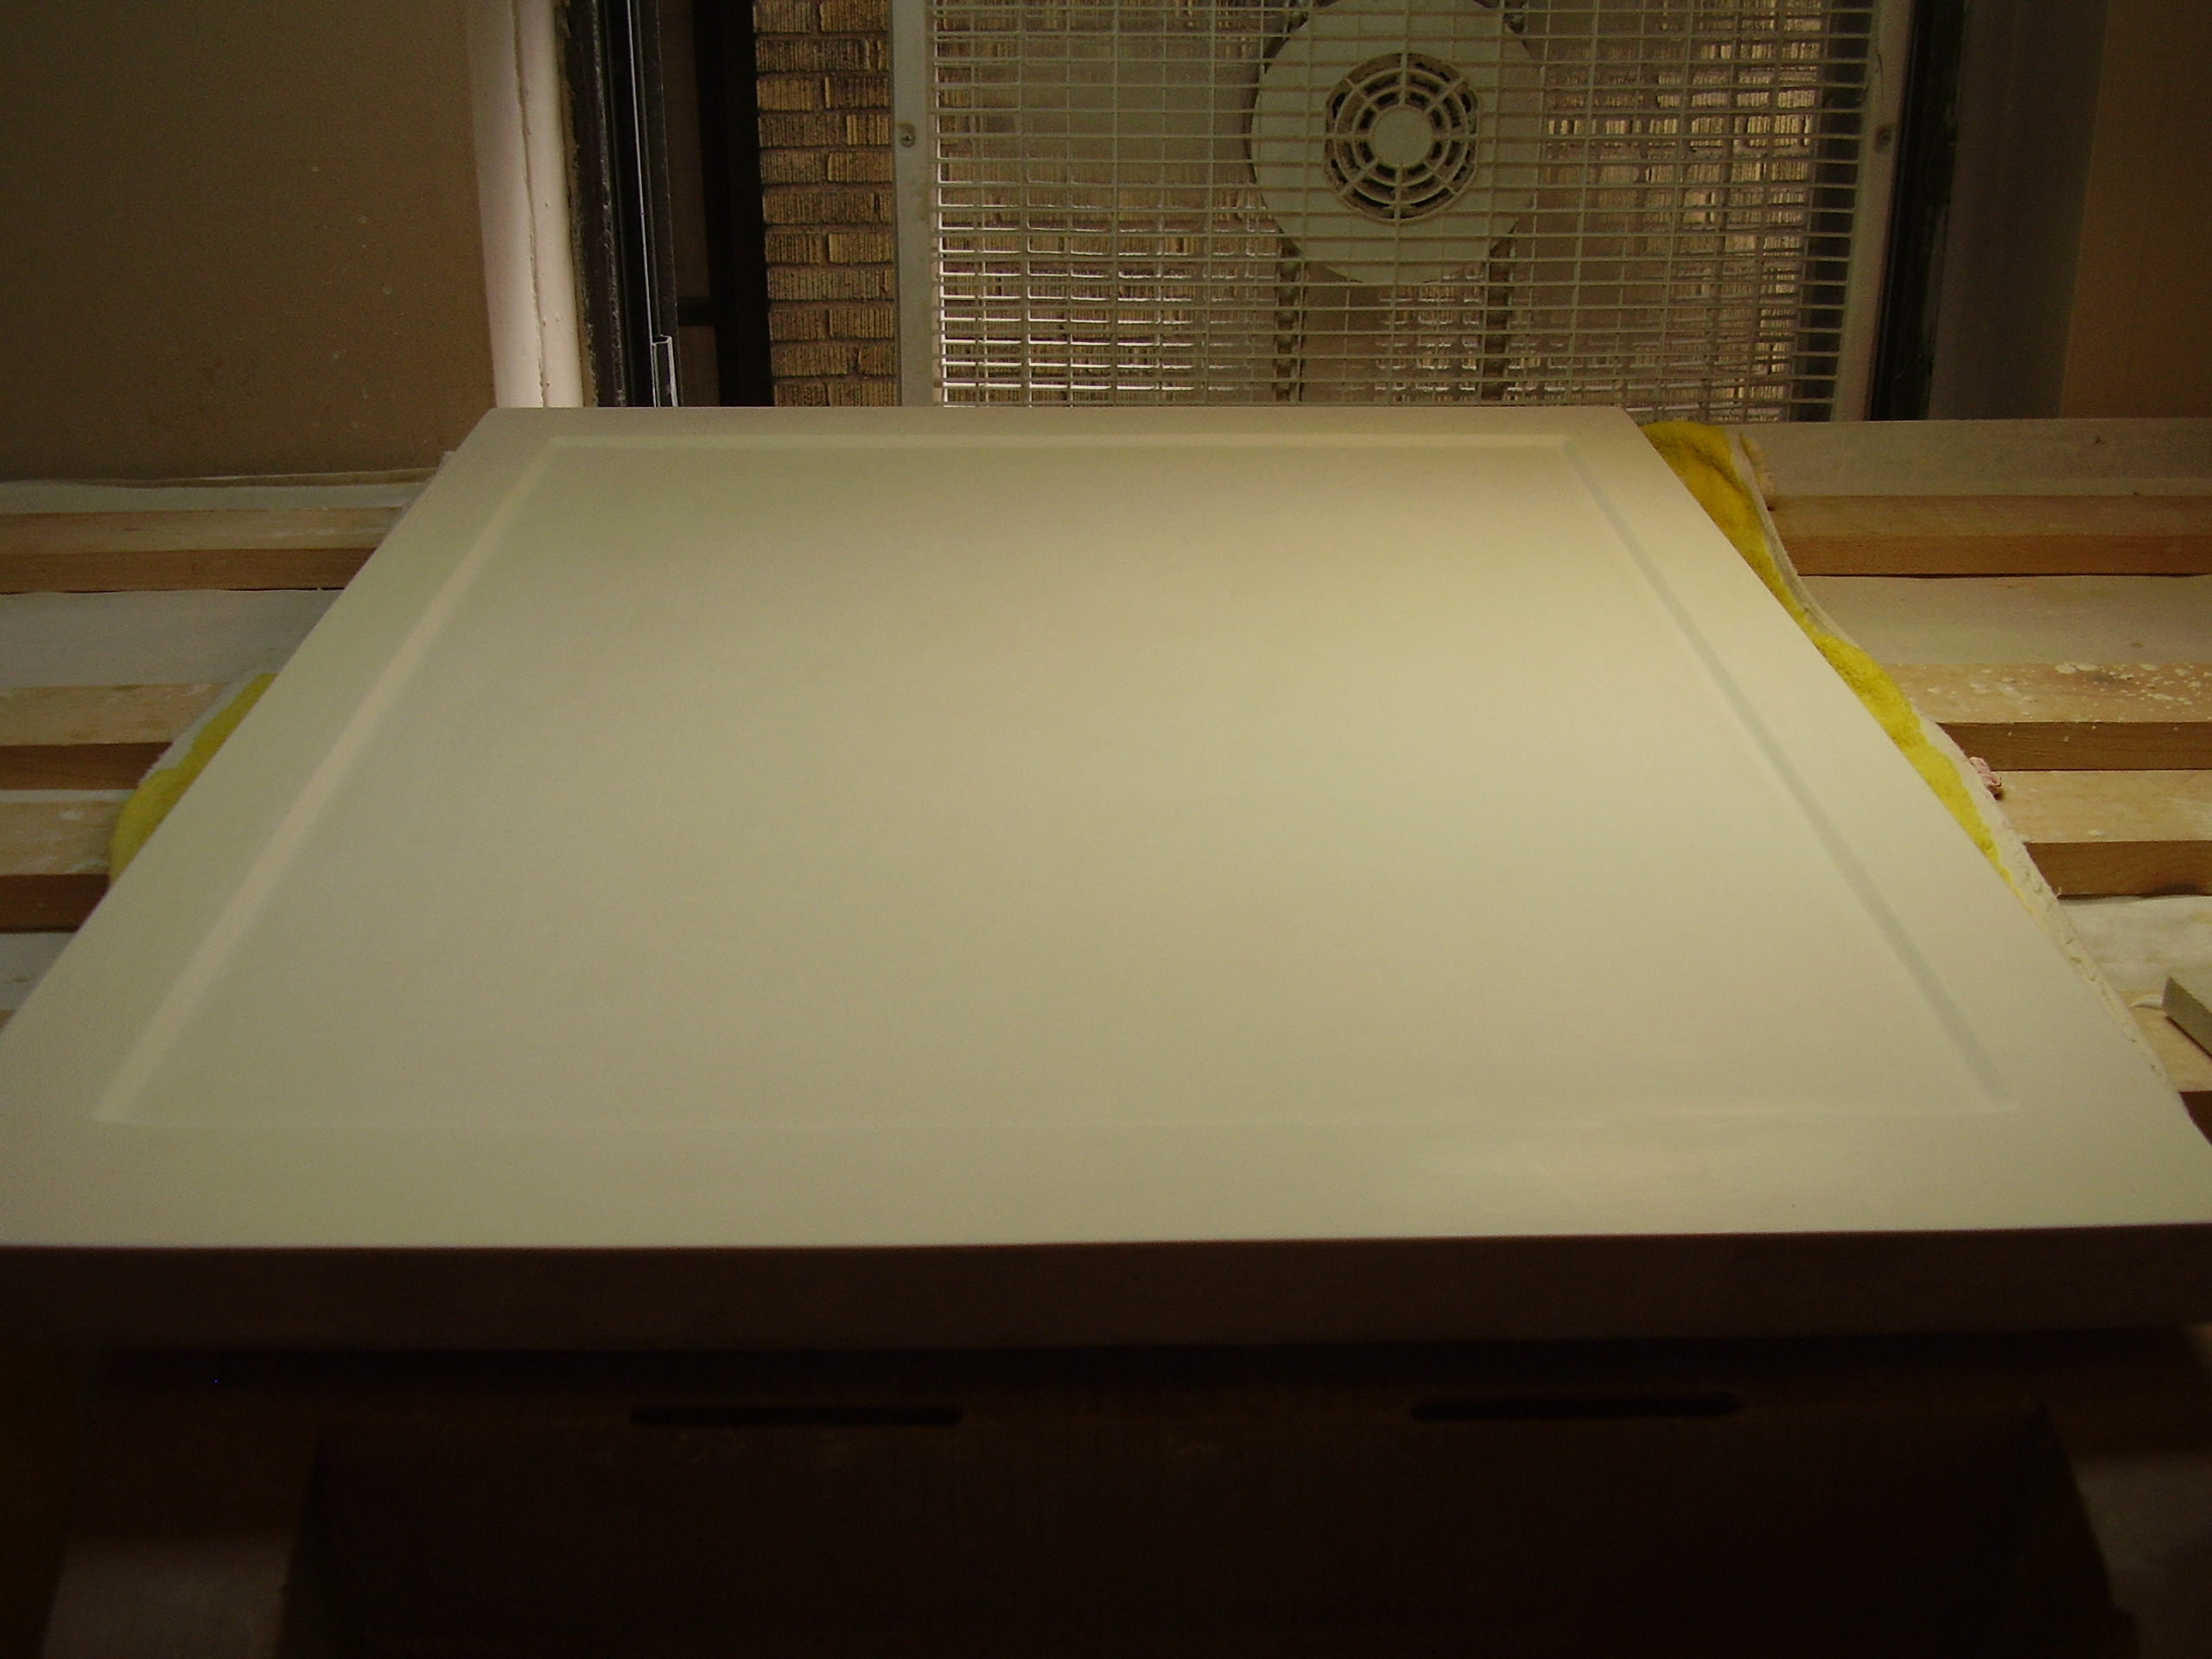 Icon Board 21x28 inches